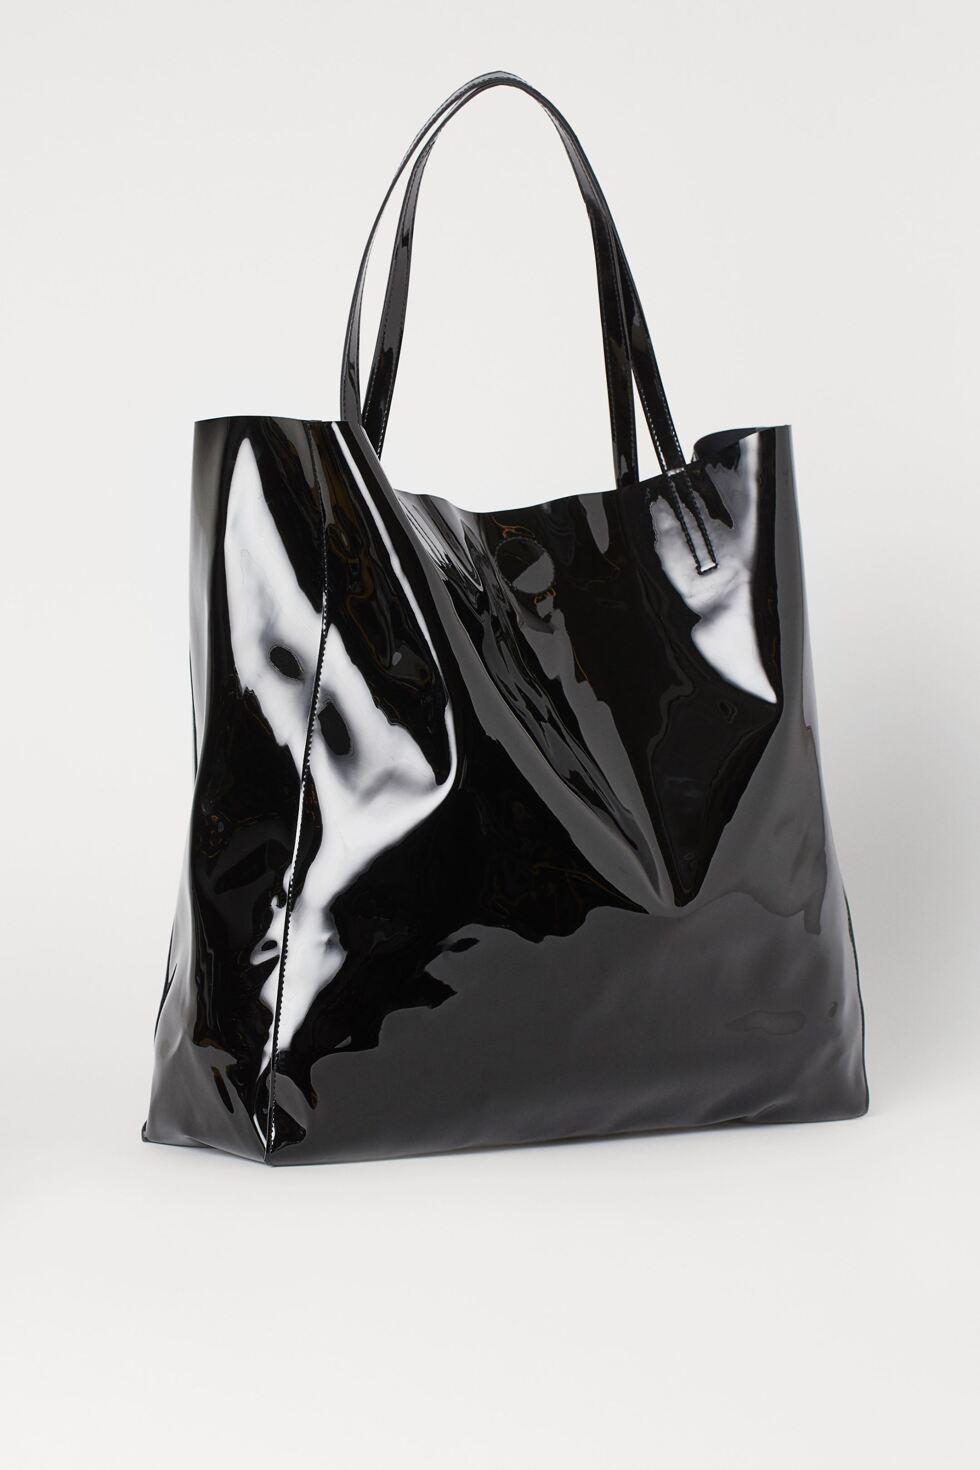 12 praktiska och trendiga väskor som passar perfekt till vardags